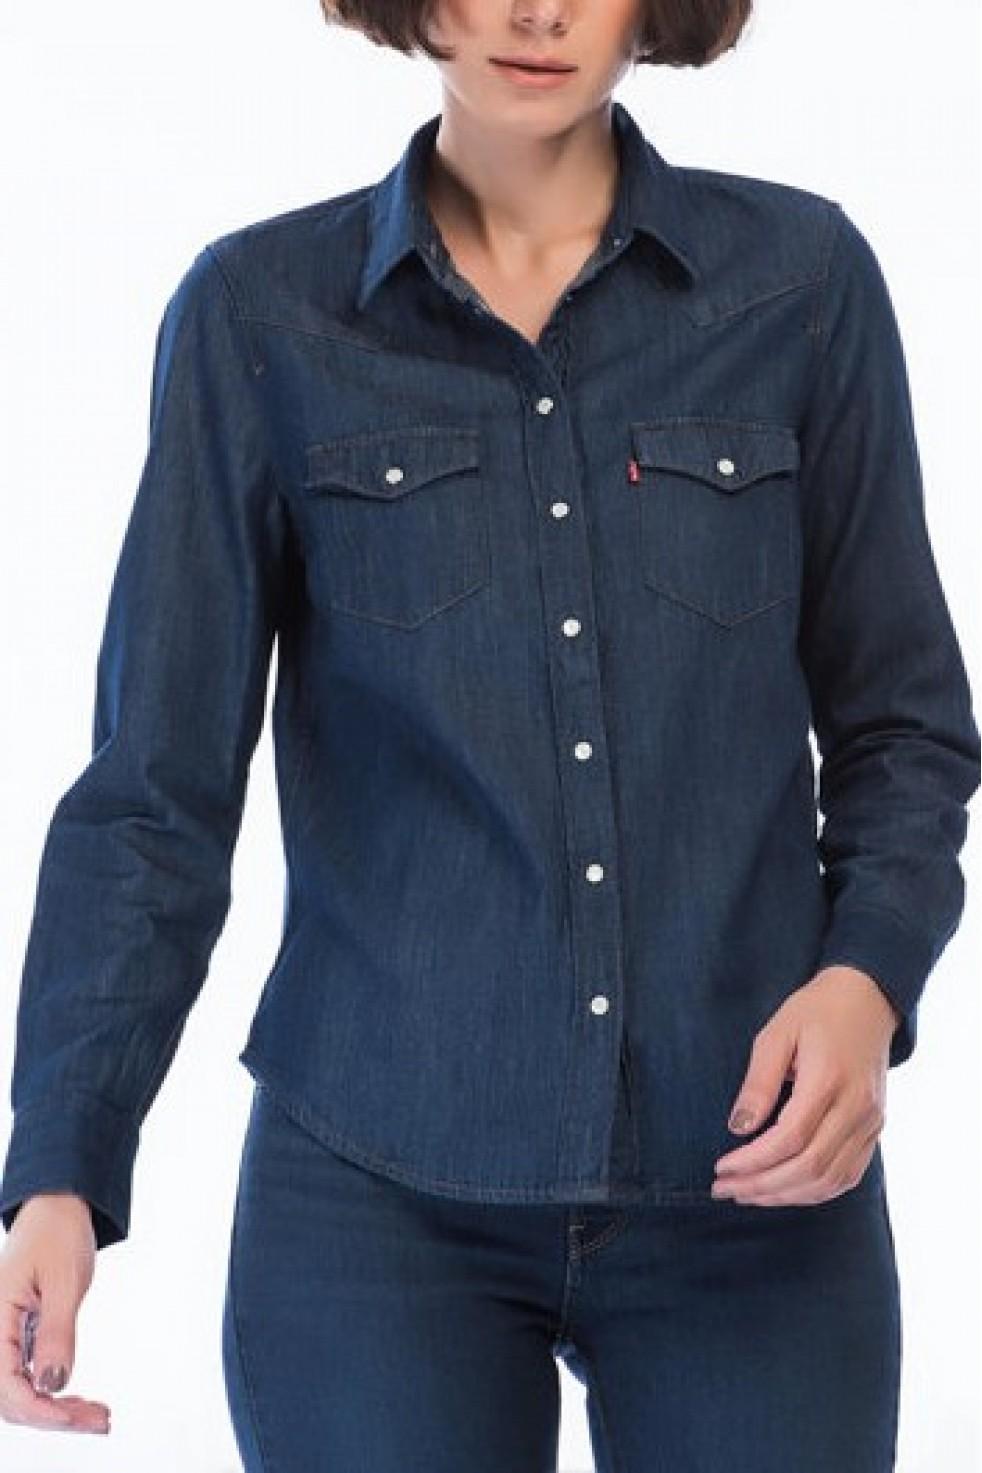 Levis Kadın Ultimate Western Jean Gömlek 58930-0009